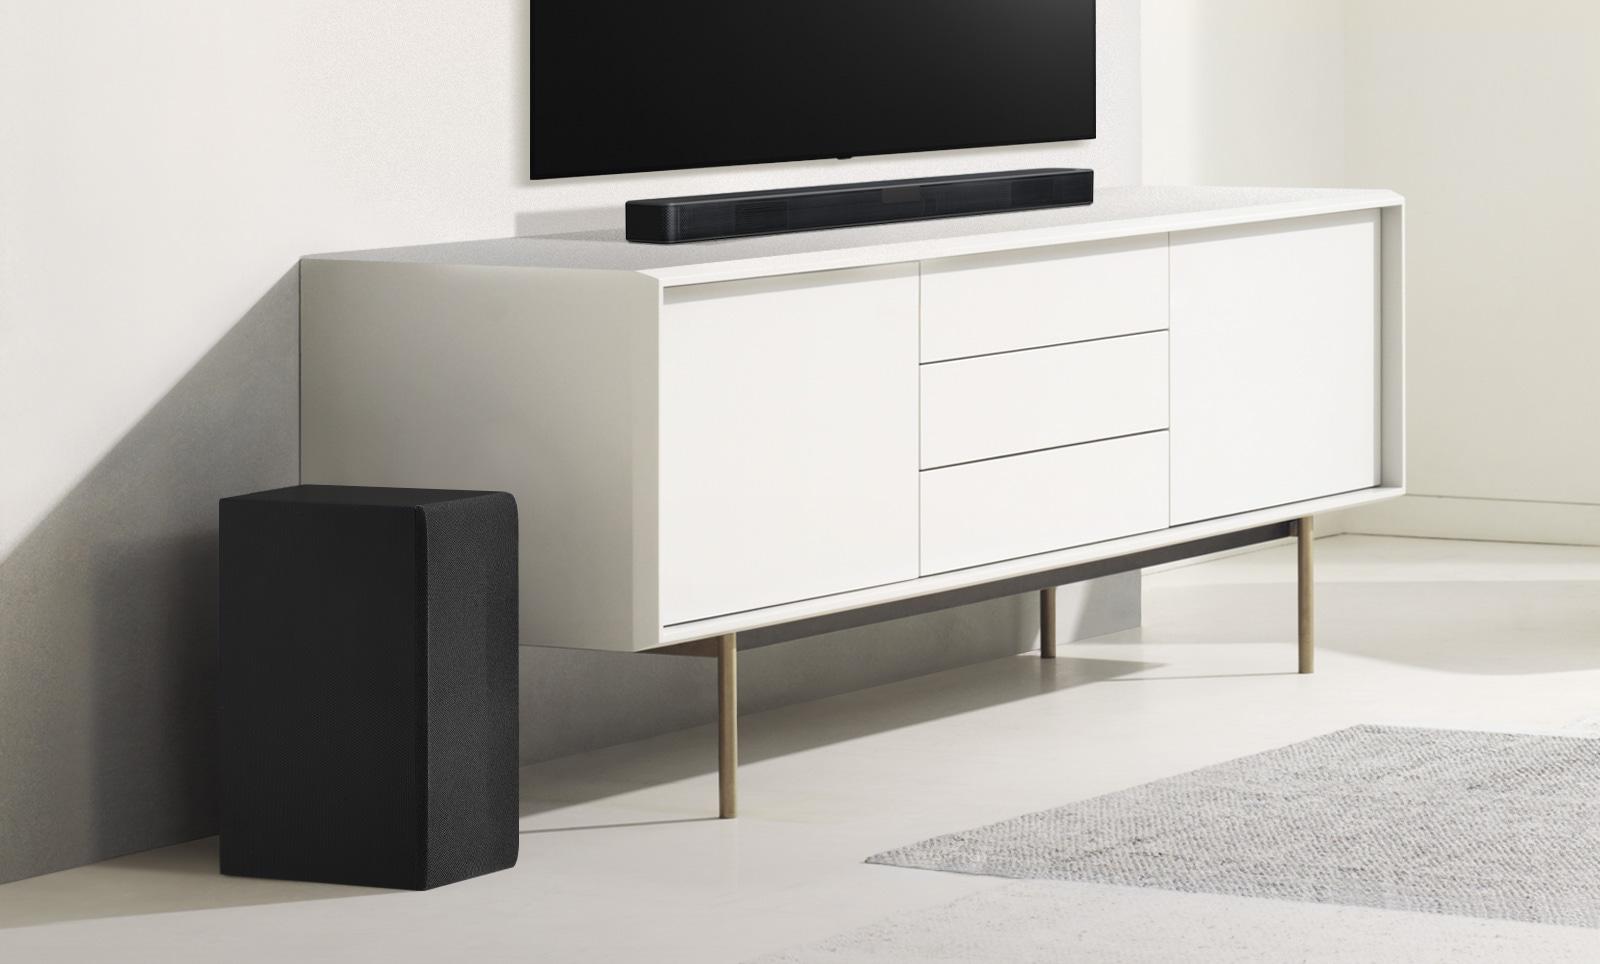 Bežični subwoofer LG Sound Bar SN4